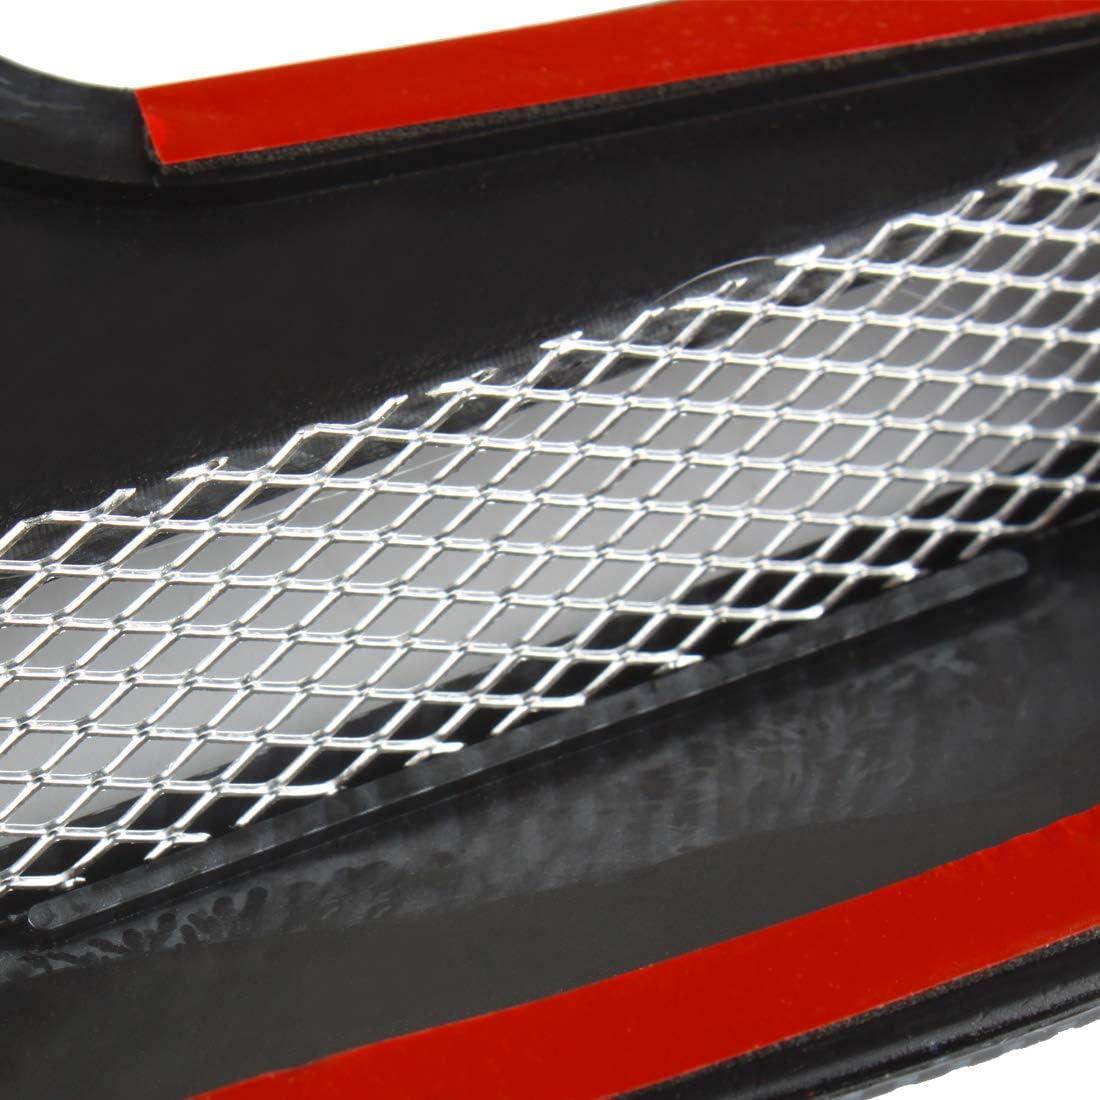 8.2 9.8 9.5 cm colore nero 8.2 9.8 9.5cm Nero 1 supporto per portabicchieri da auto e camion